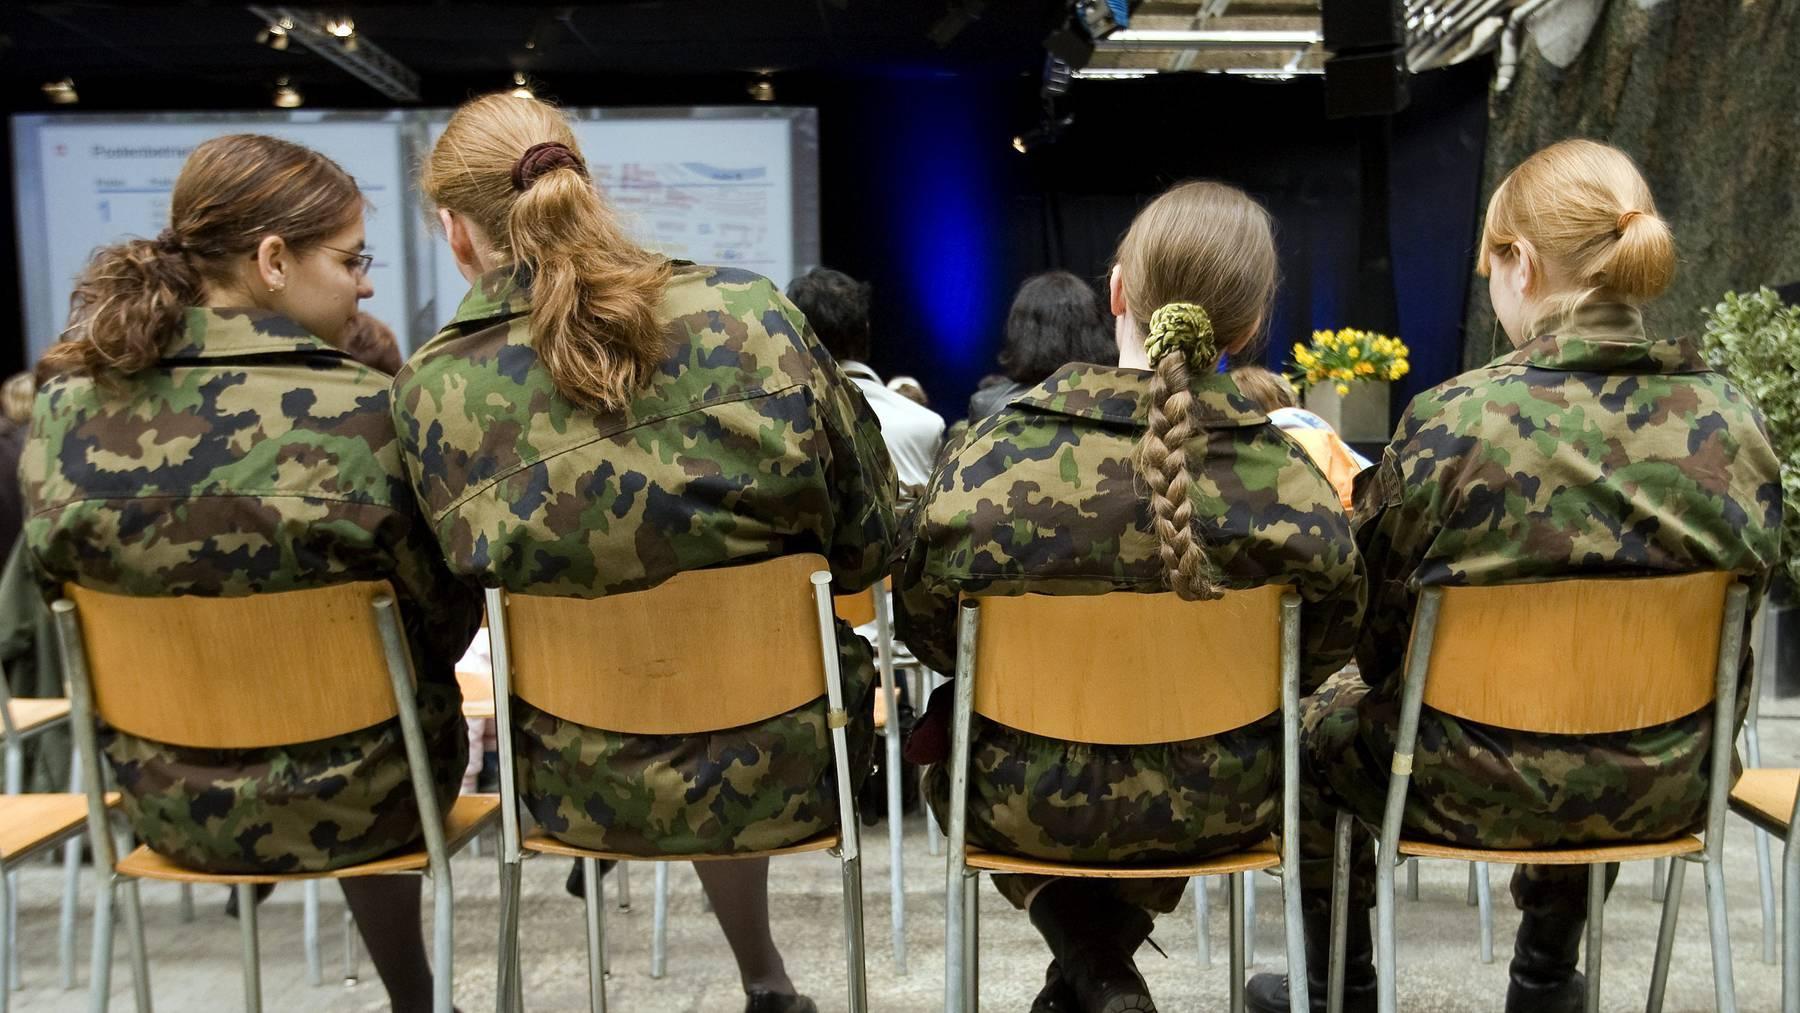 Soldatinnen unterhalten sich beim Anlass «Business and Professional Women BPW Switzerland» besucht die Schweizer Armee, am Samstag 5. April 2008 auf dem Waffenplatz in Thun.